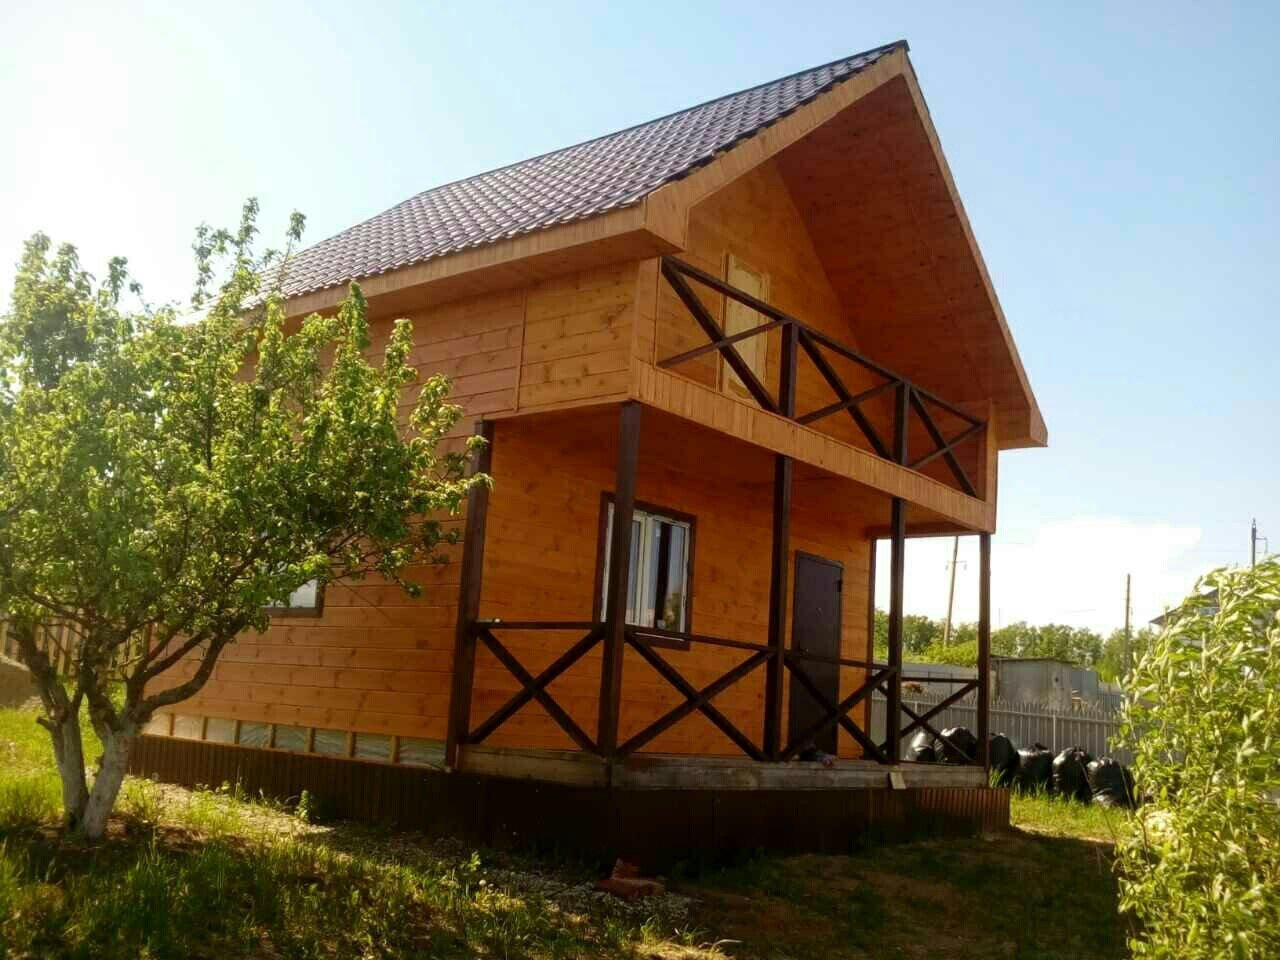 Строительство домов и коттеджей. обьекты и узлы